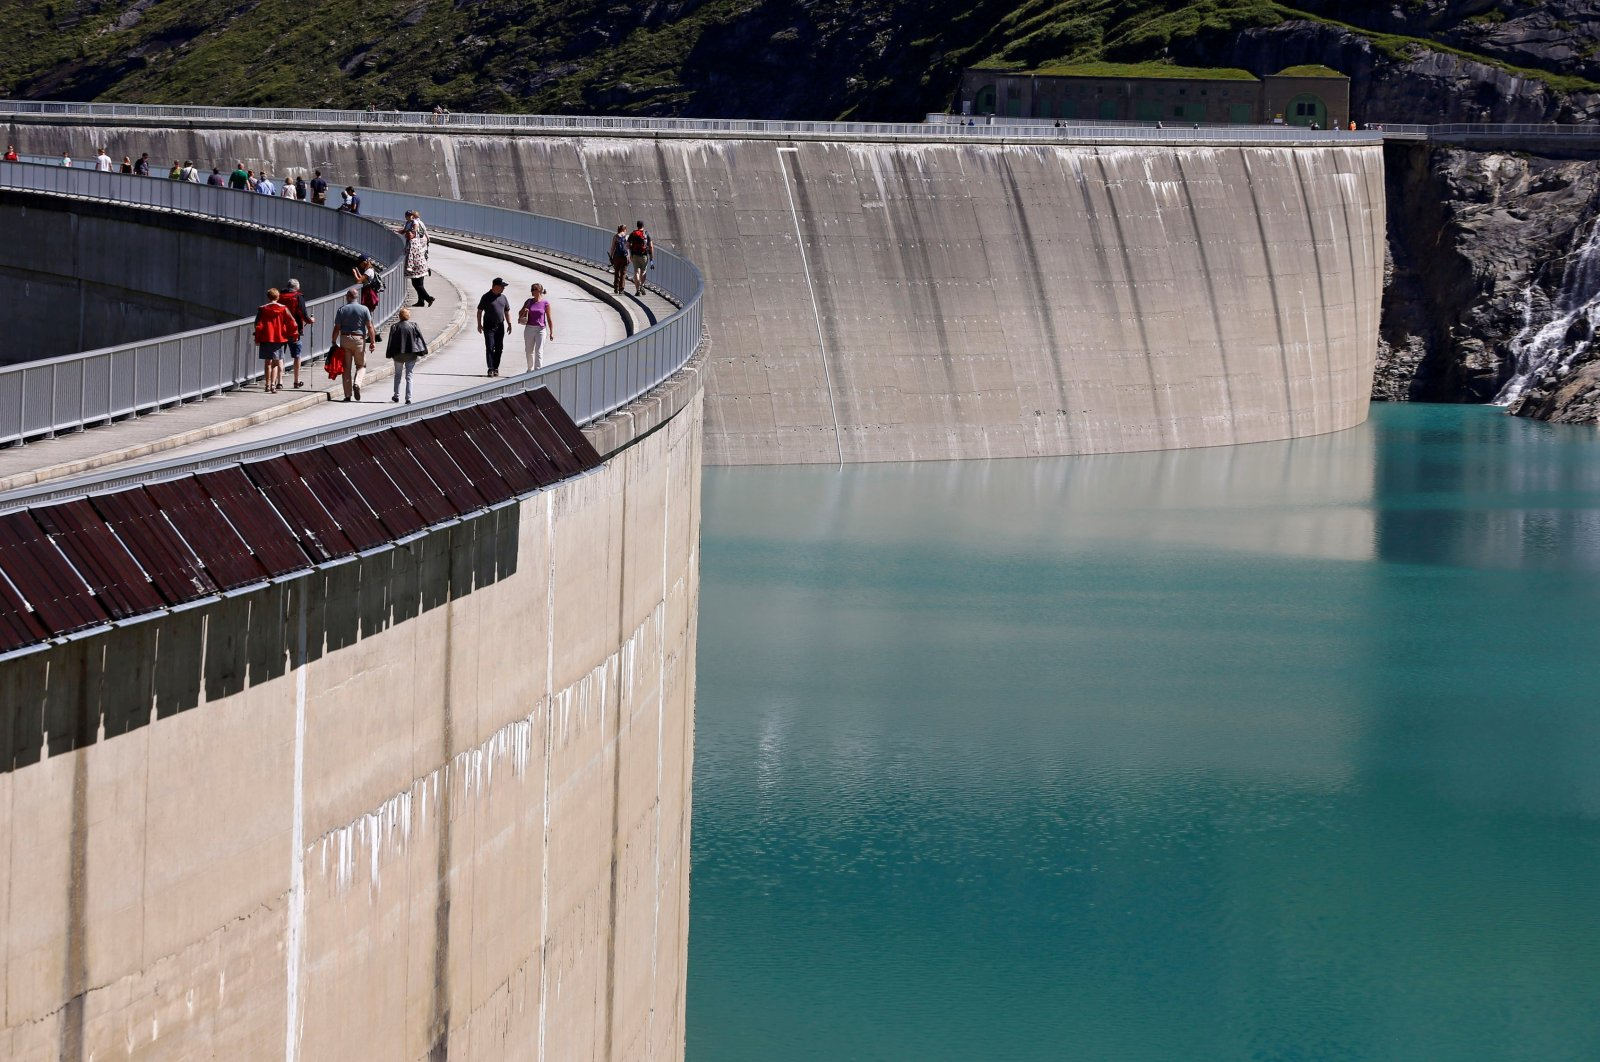 The Mooserboden water reservoir of Austrian hydropower producer Verbund near Kaprun, Austria, Aug. 31, 2016. (Reuters Photo)